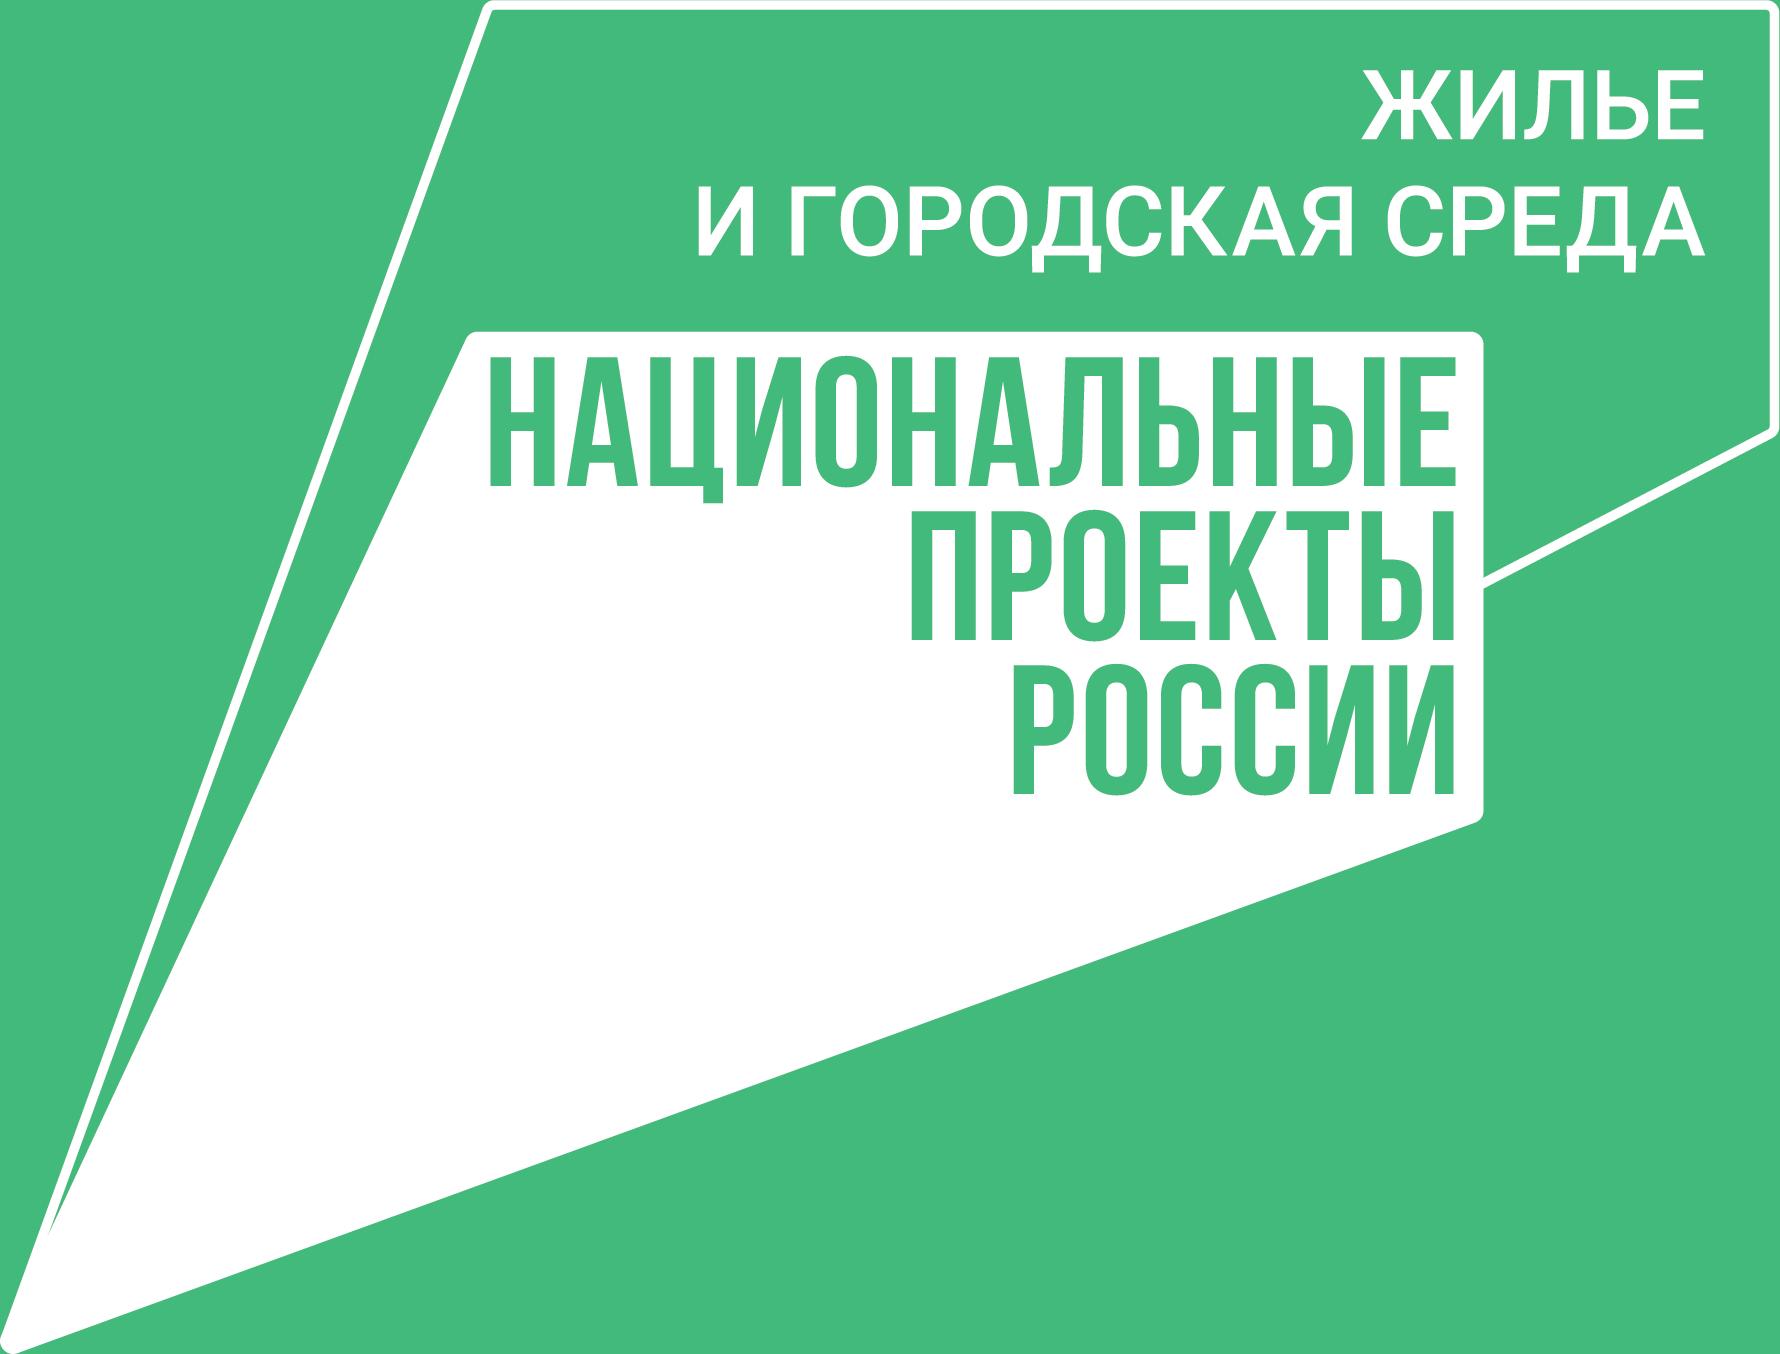 Национальные проекты Российской Федерации » Жилье и городская среда»